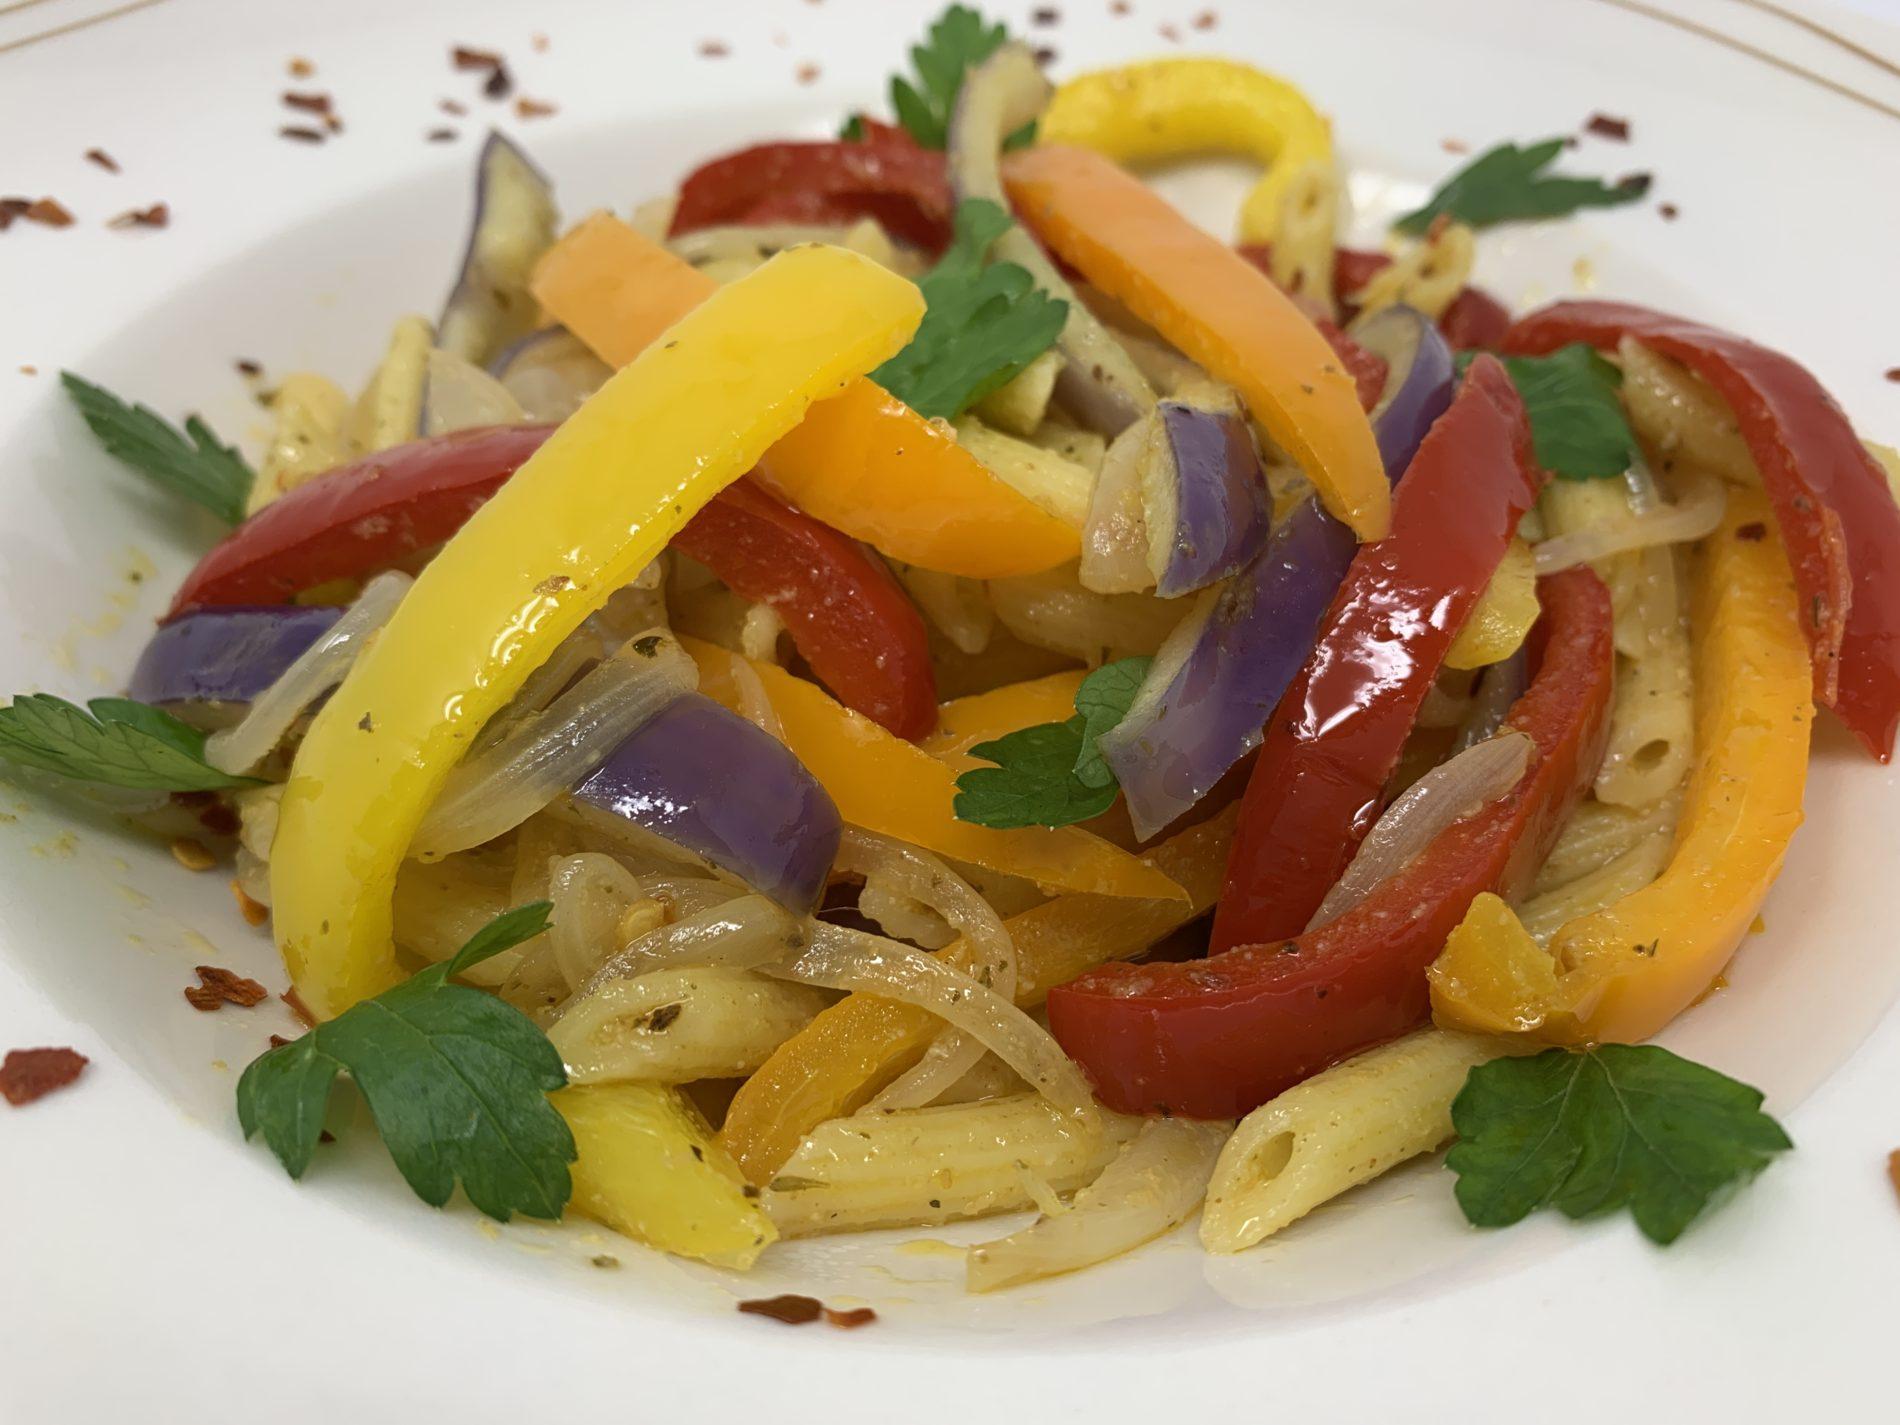 Chef Veera's easy peasy pasta